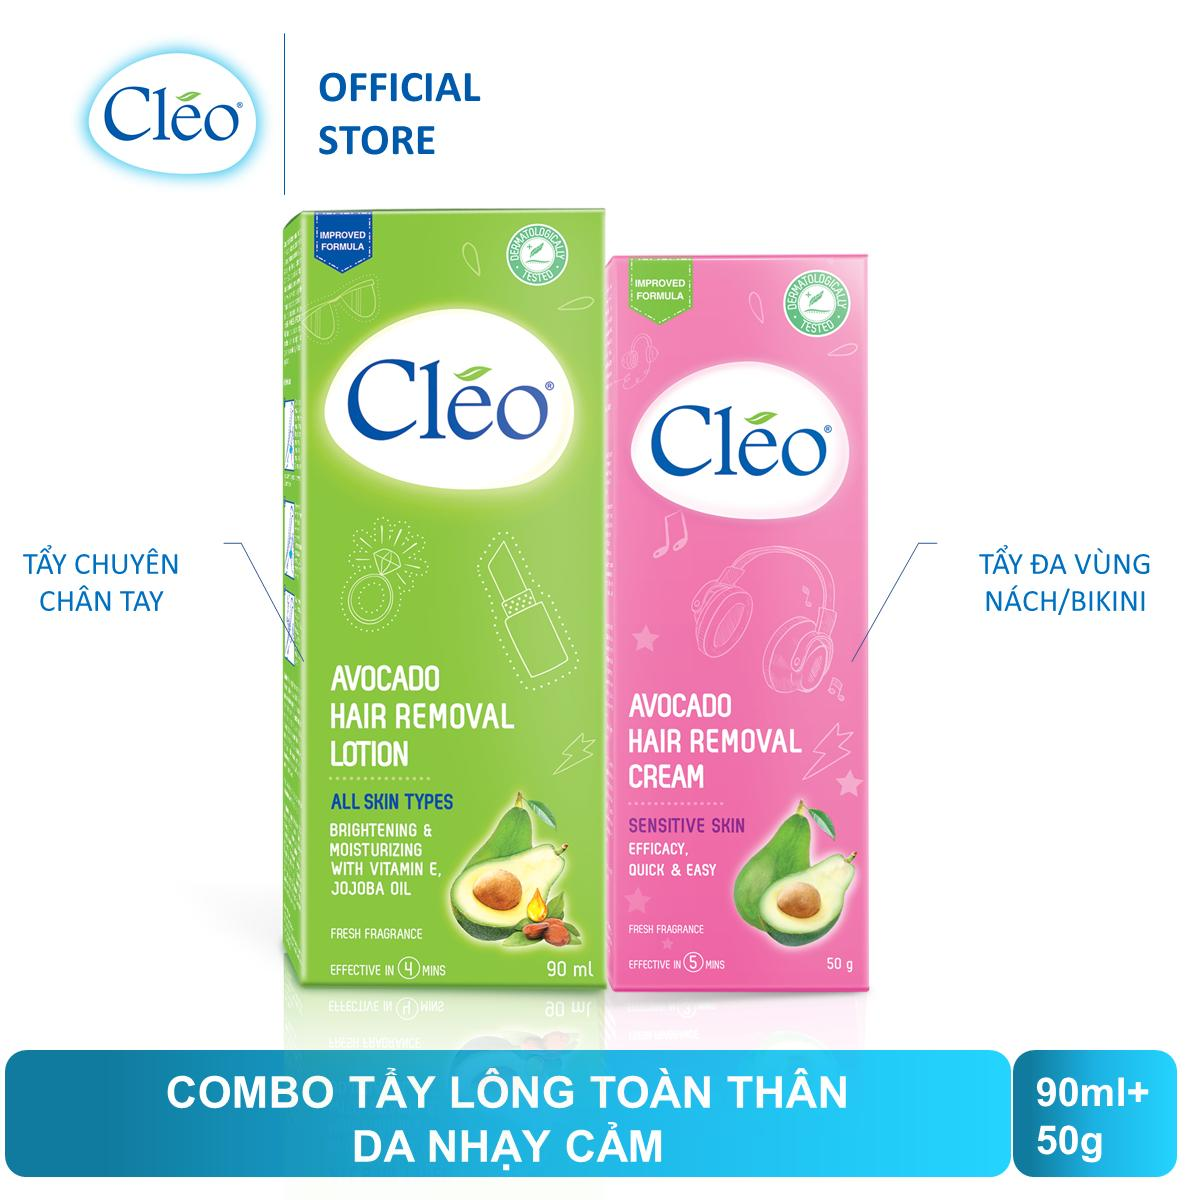 Bộ đôi Kem tẩy lông Cleo 50g da nhạy cảm và Lotion tẩy lông 90ml - ĐH Cleo Từ 149k Tặng 1 Sữa Dưỡng nhập khẩu